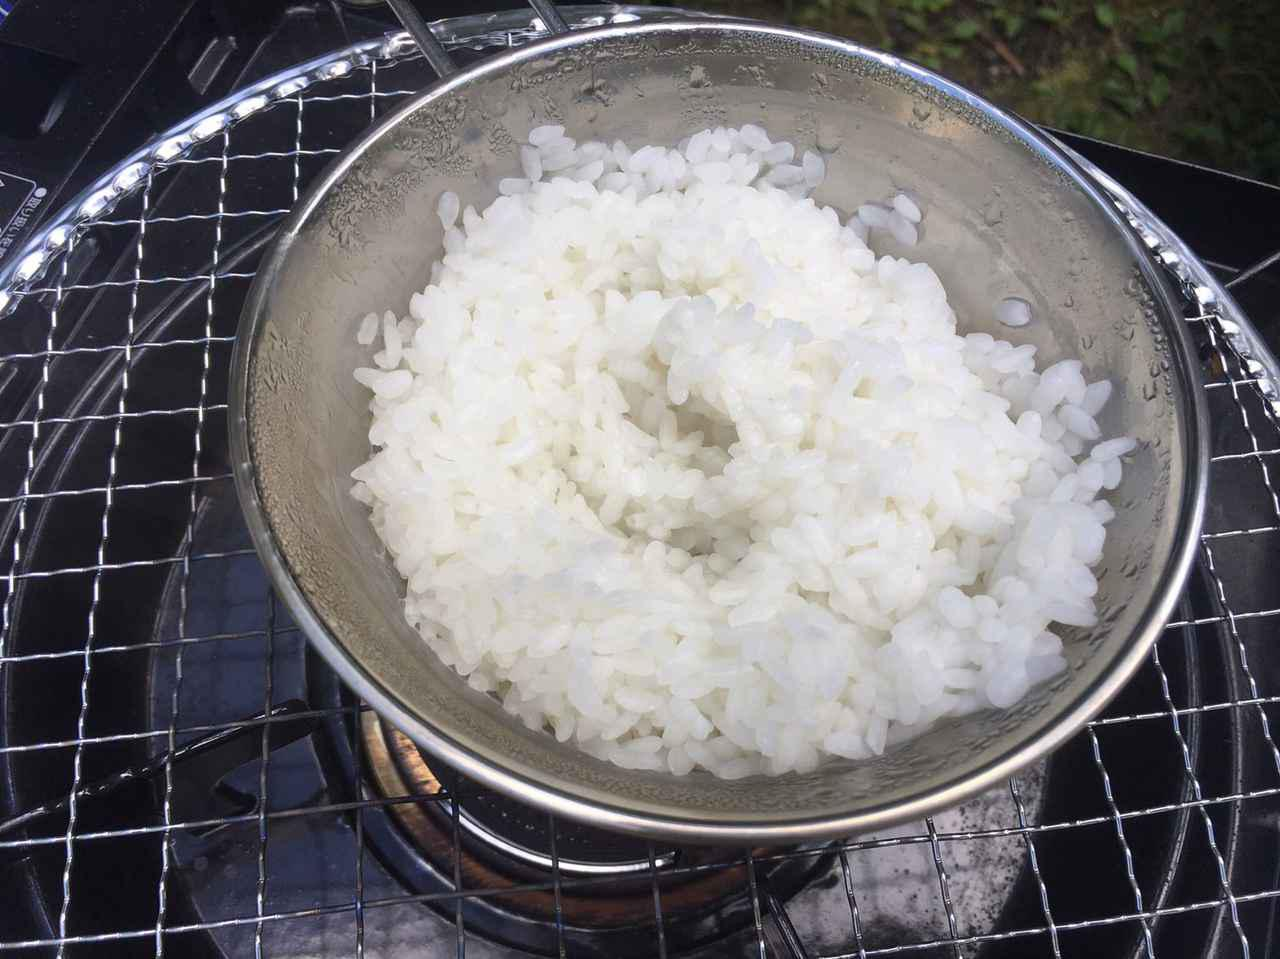 画像: お手軽!「シェラカップ」で炊飯にチャレンジしてみよう - ハピキャン(HAPPY CAMPER)